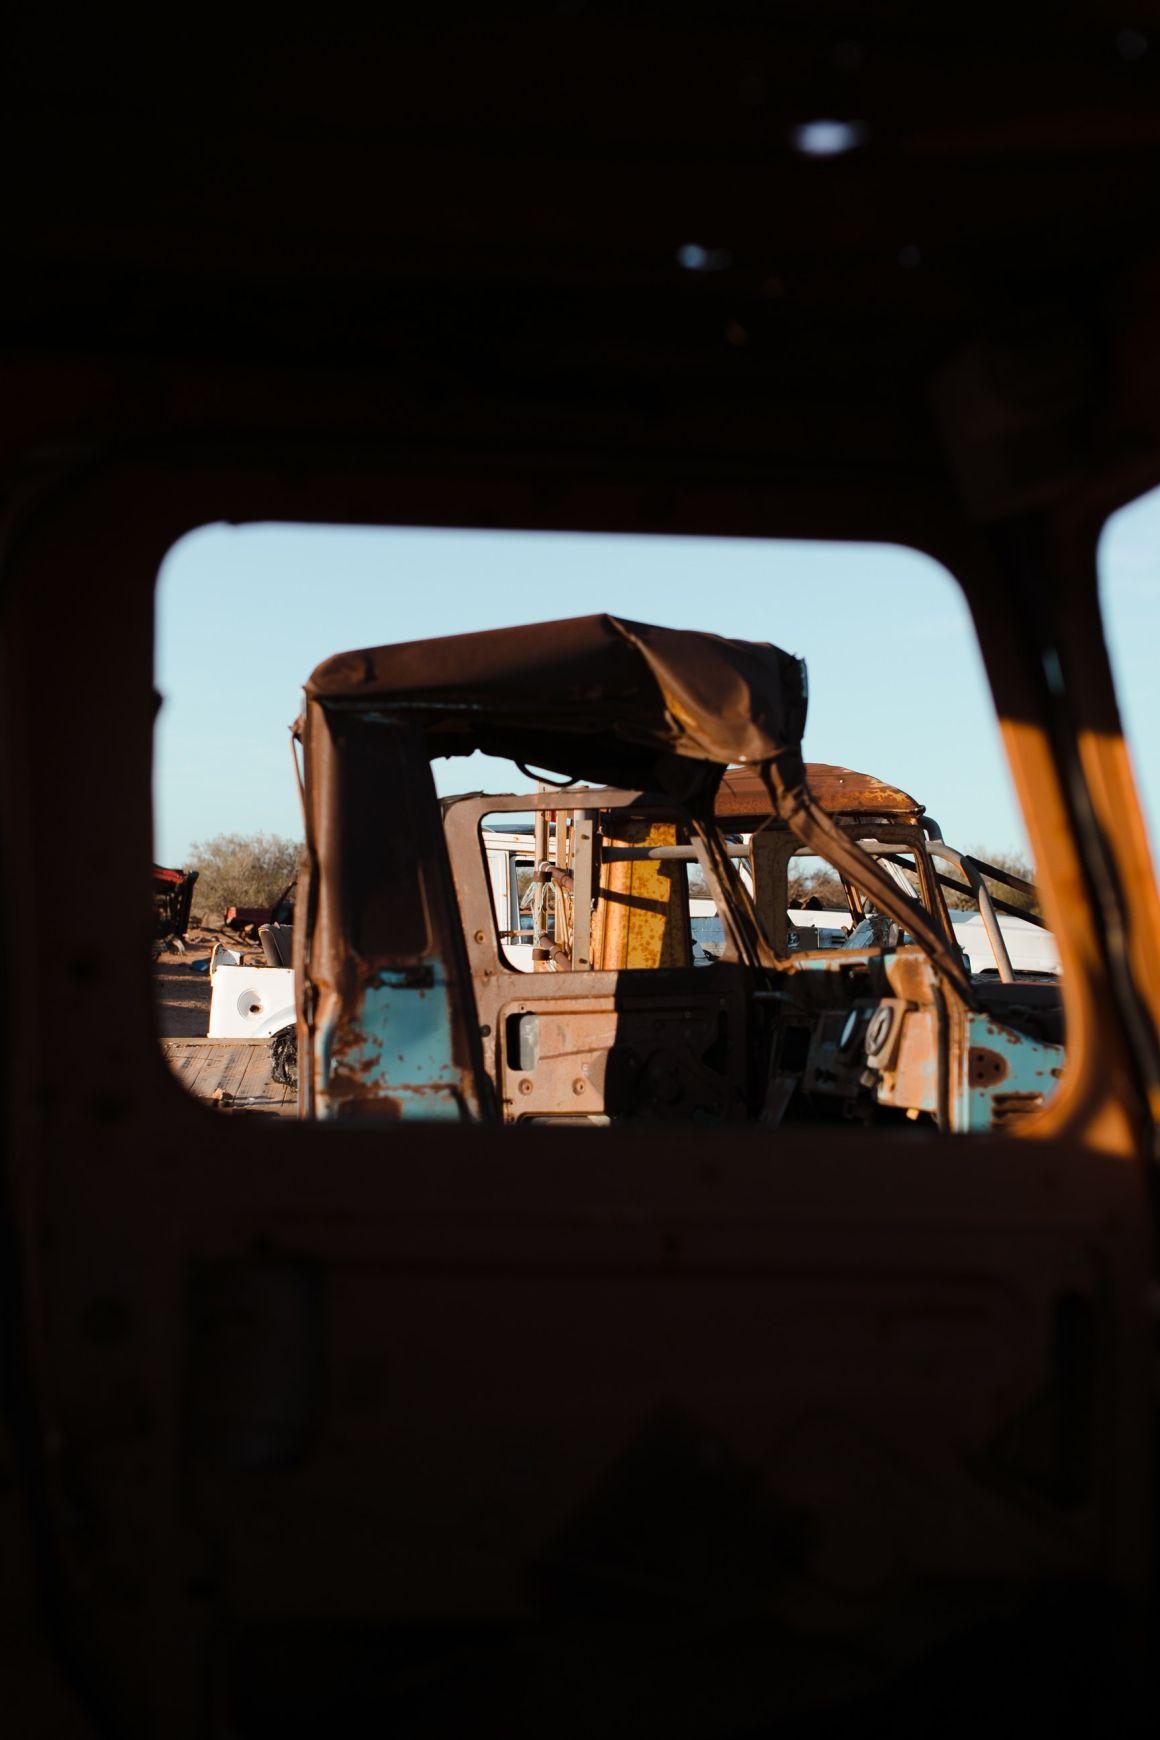 Tánczos Barna nyilatkozata a növelt költségvetésű roncsautóprogramokról